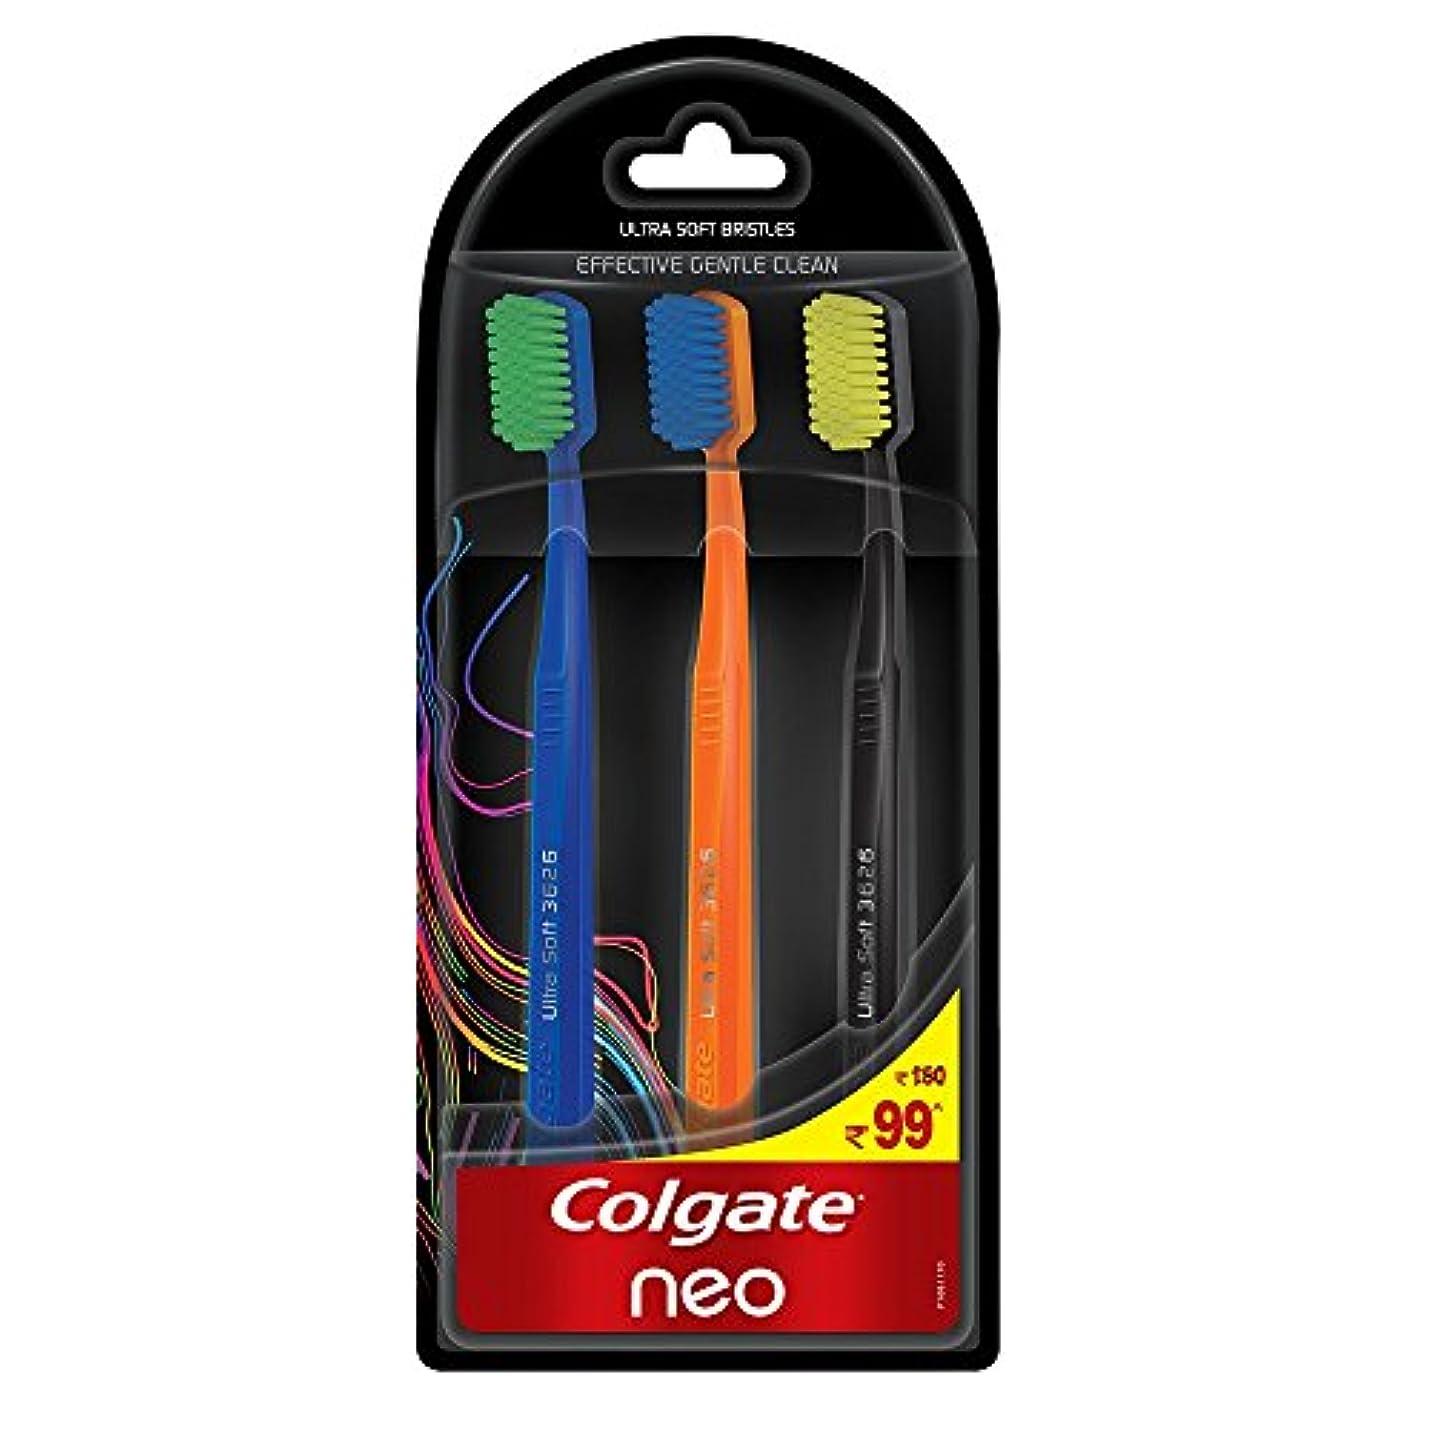 特異な姿を消す明日Colgate Neo Toothbrush Effective Gentle Clean